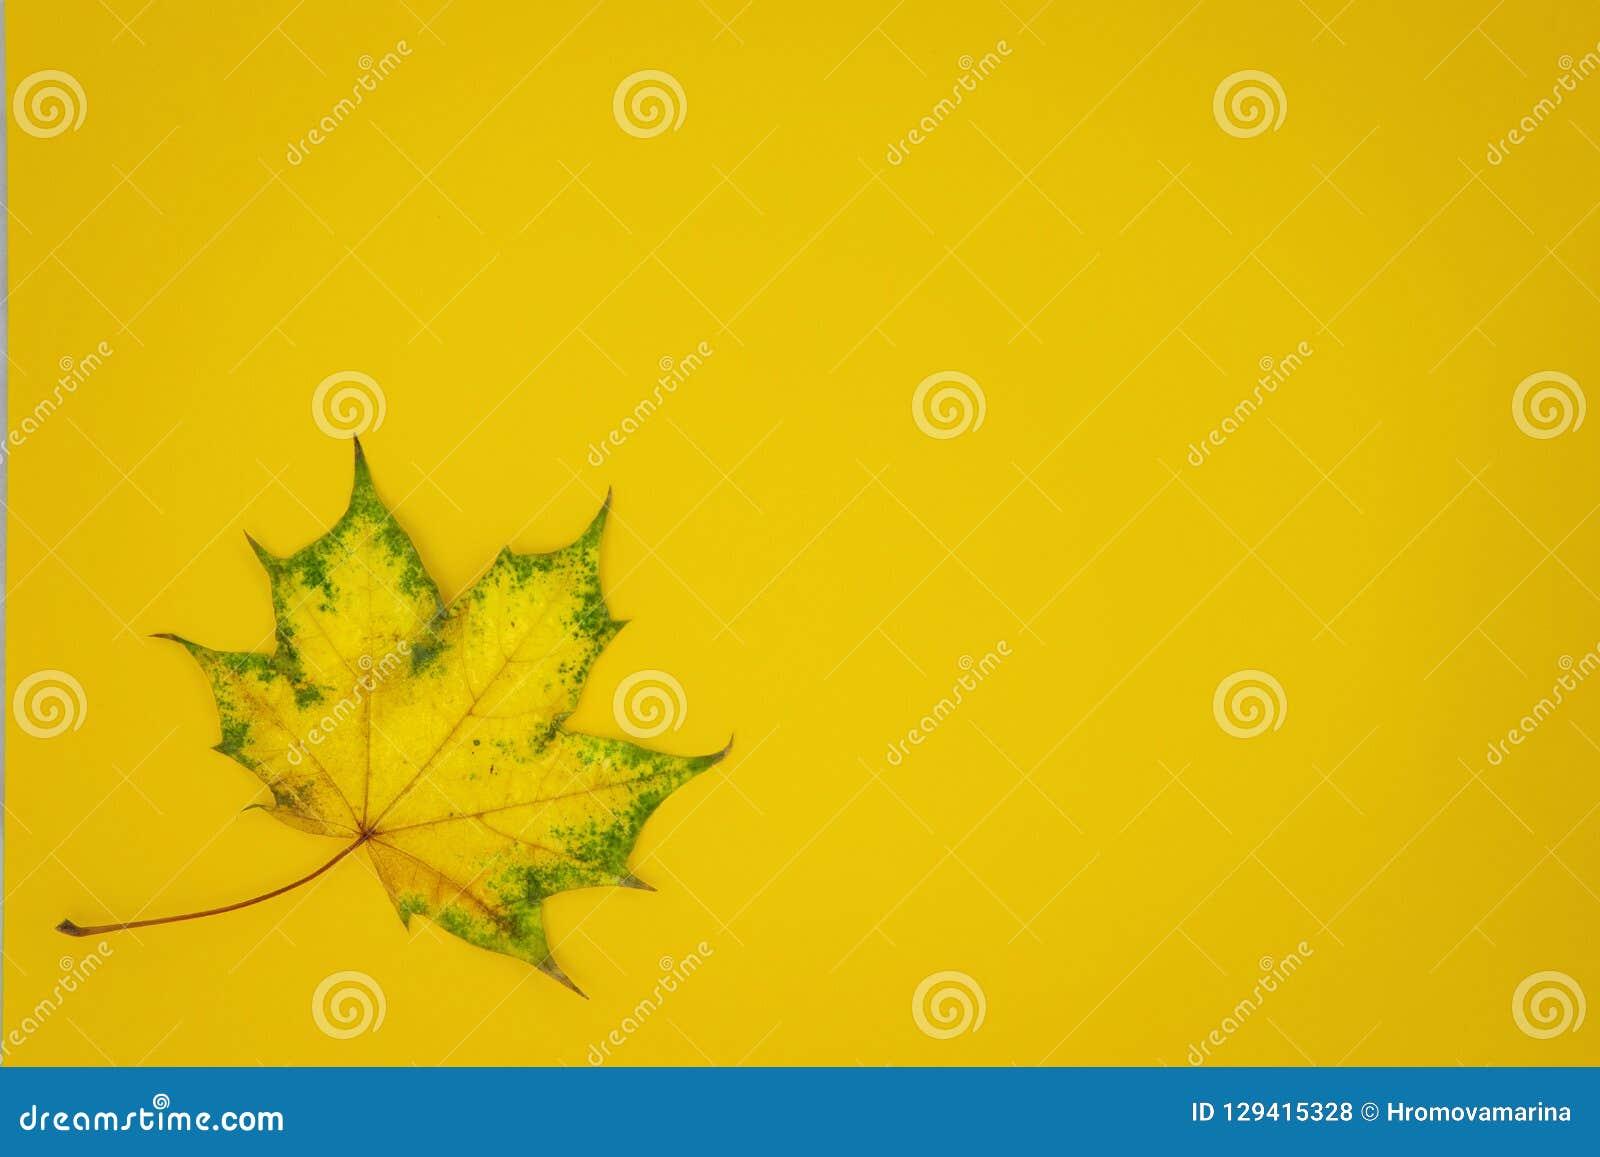 Φύλλο σφενδάμου στο κίτρινο υπόβαθρο